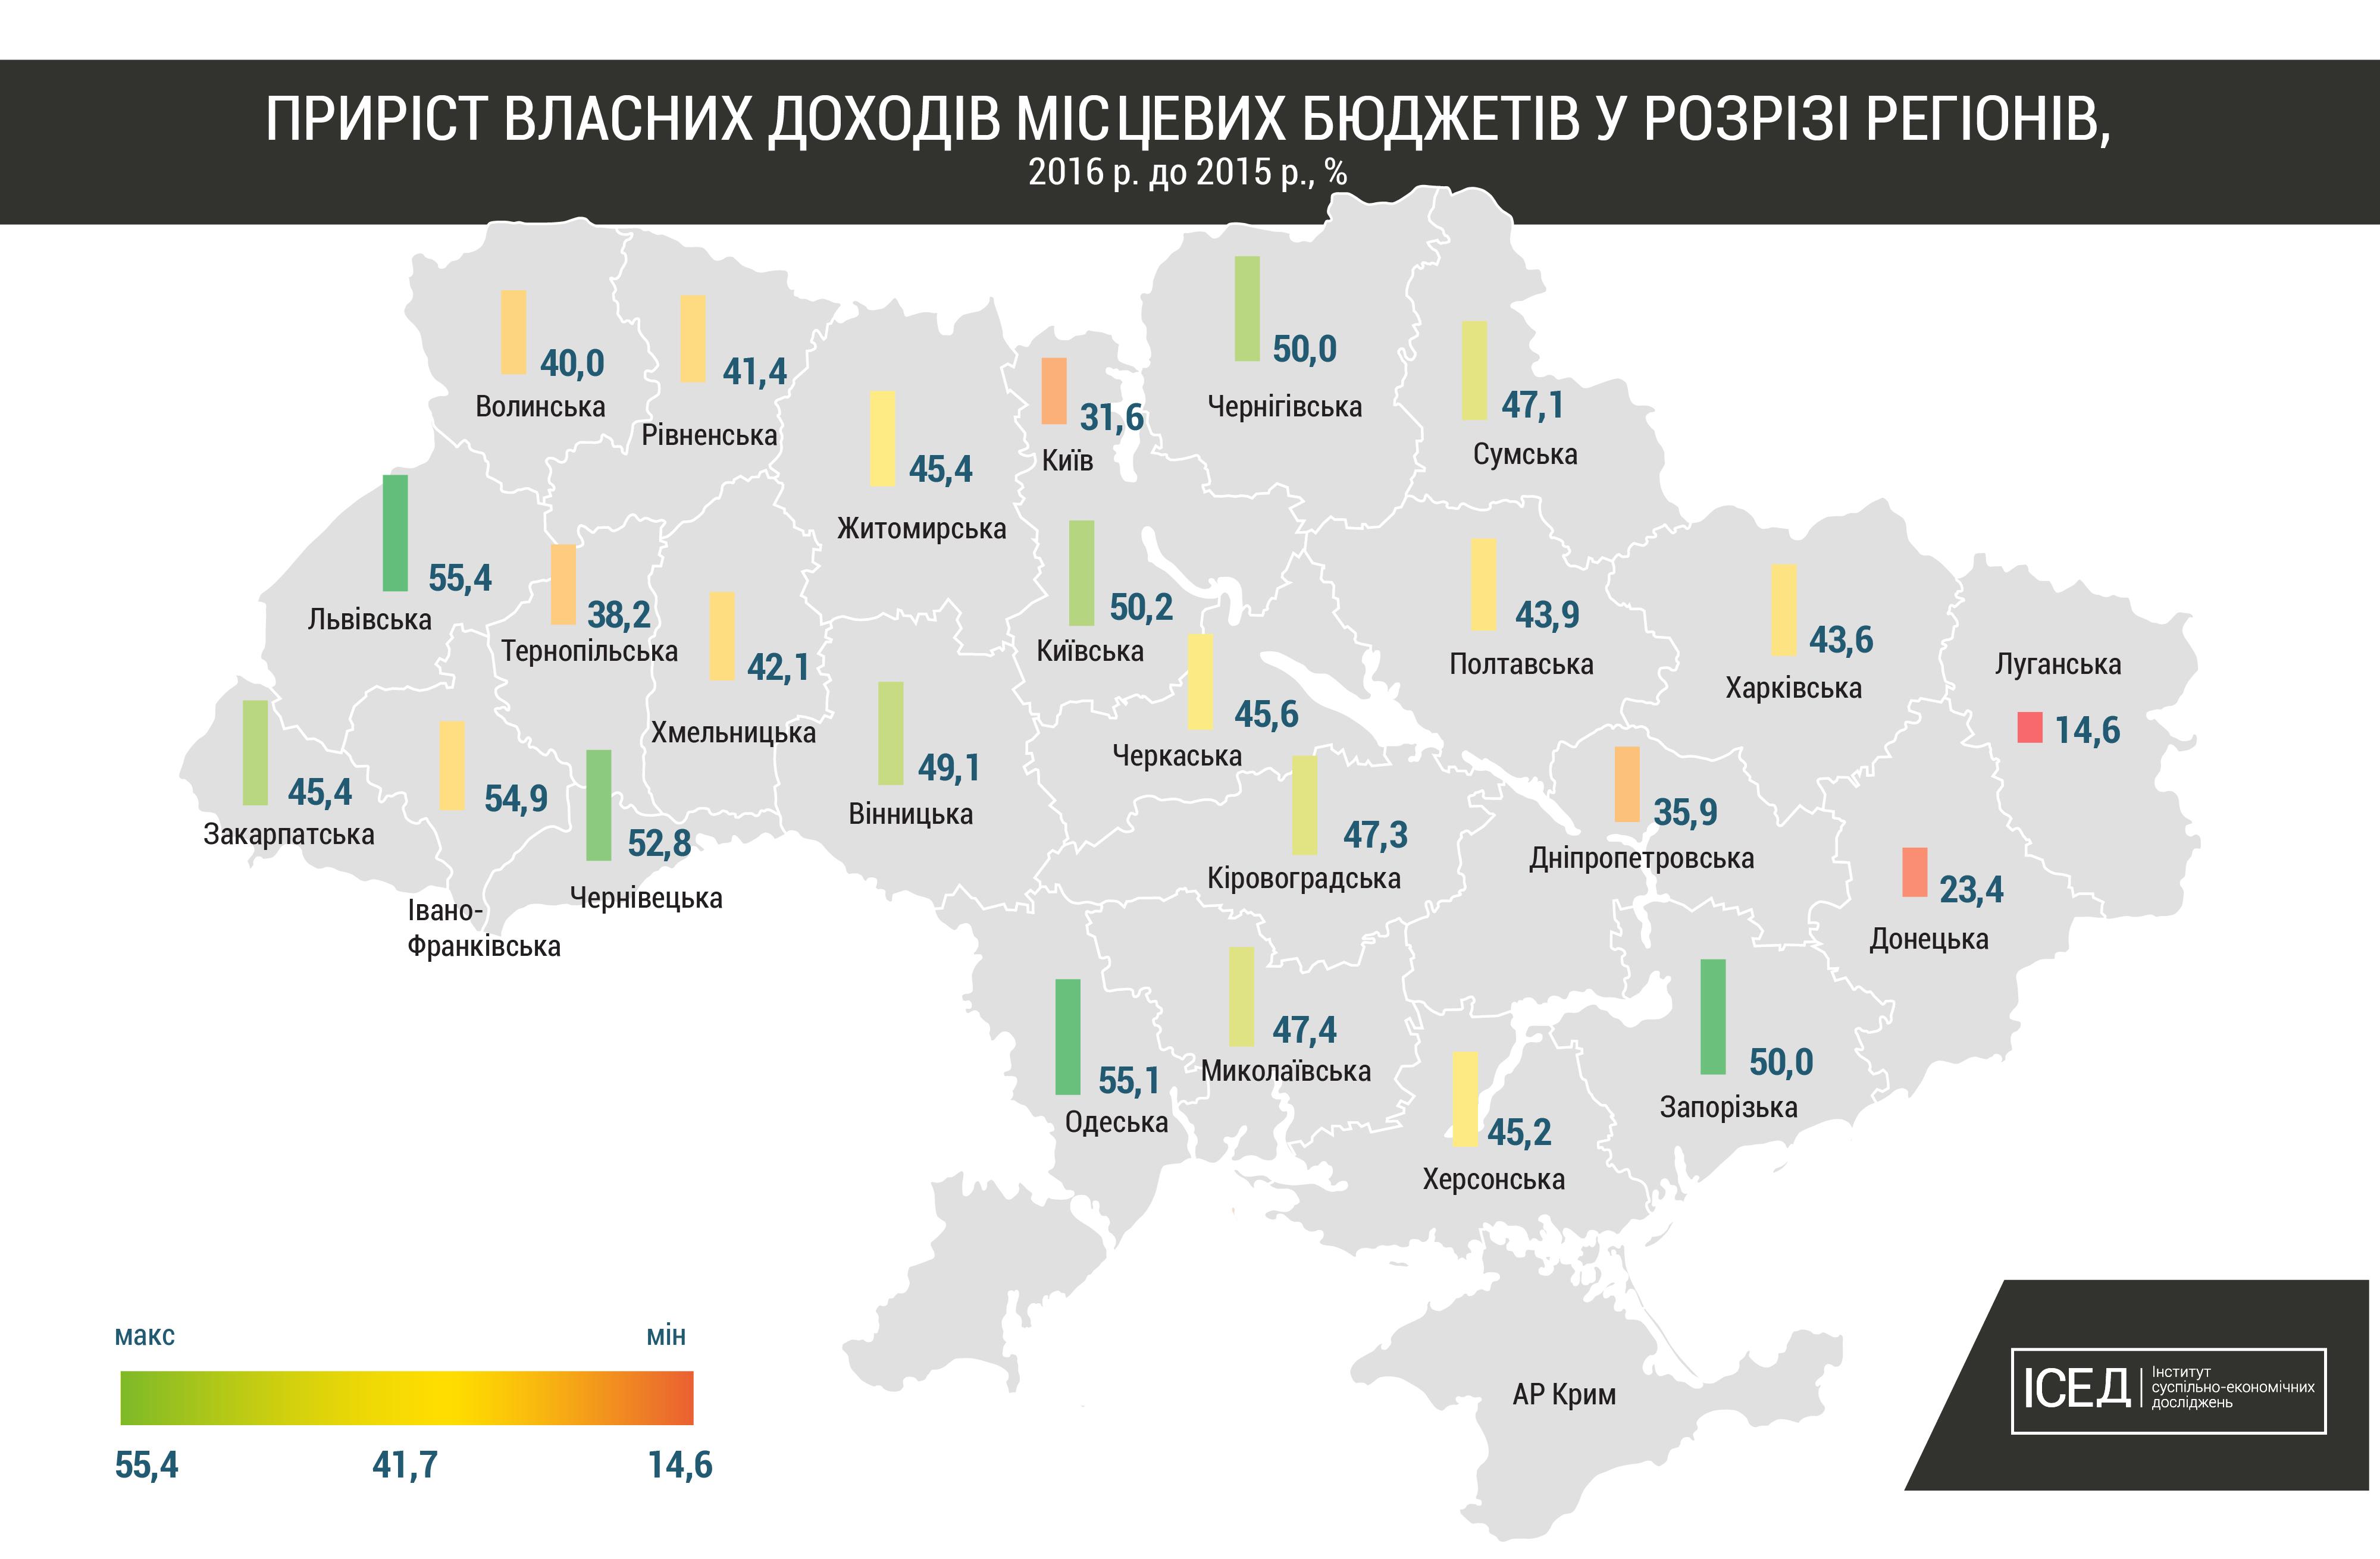 Місцеві бюджети в Україні перевірять за допомогою Бюджетного сканера